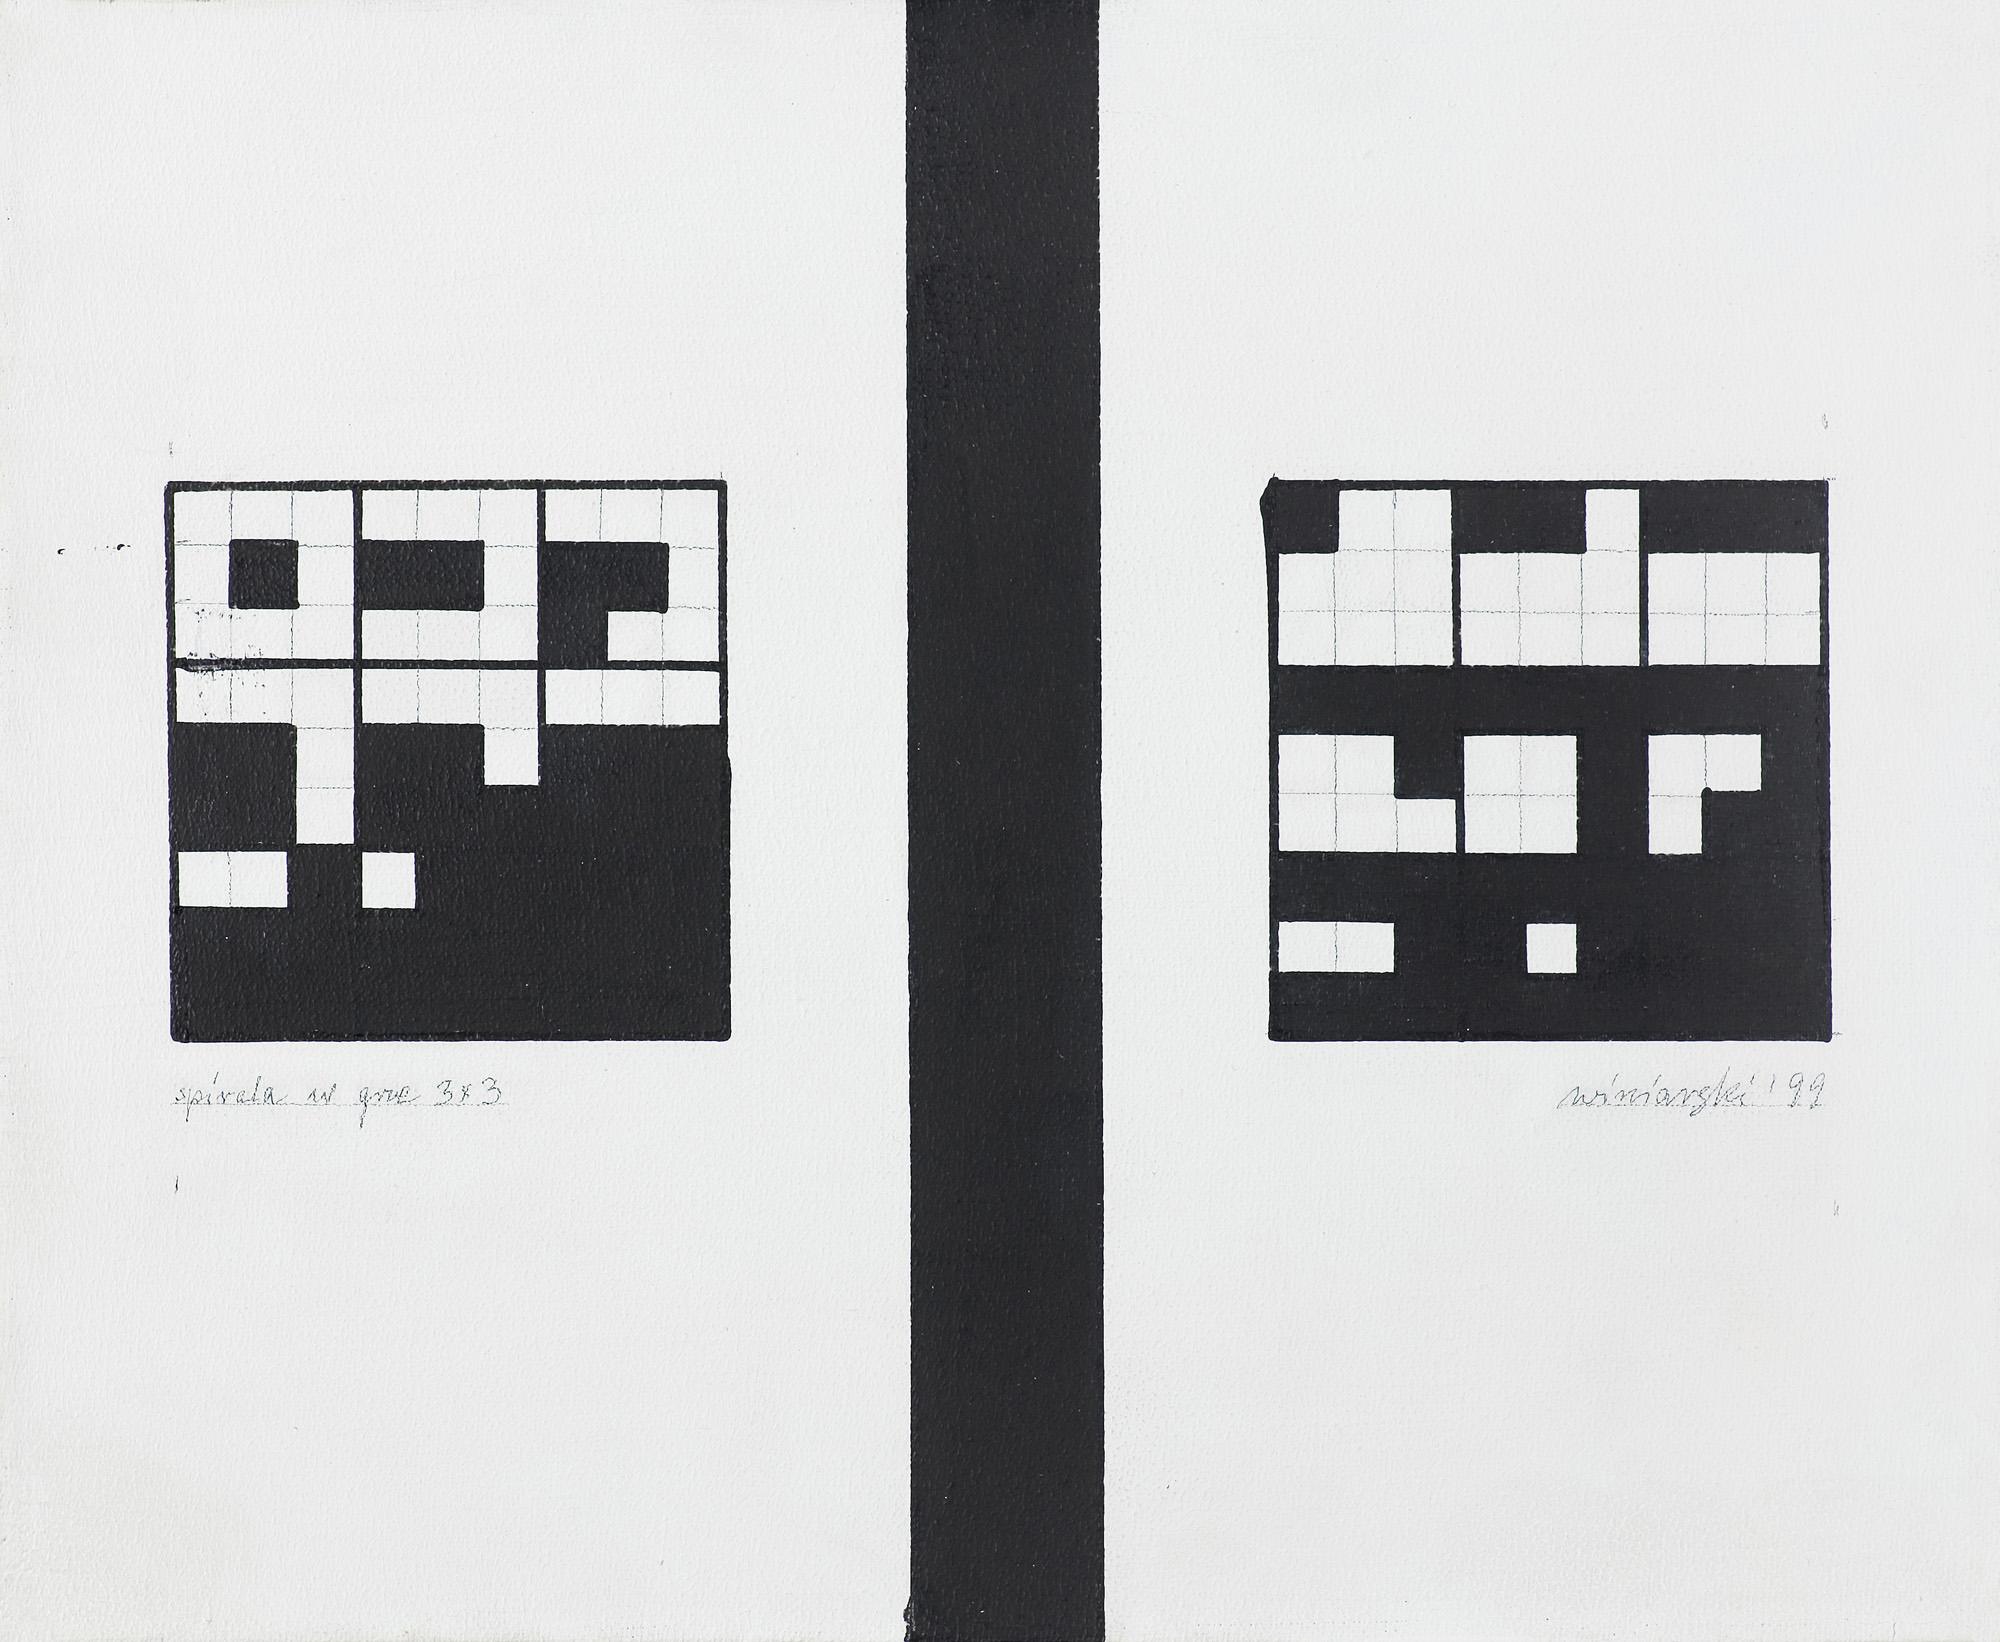 SPIRALA W GRZE 3 x 3, 1999